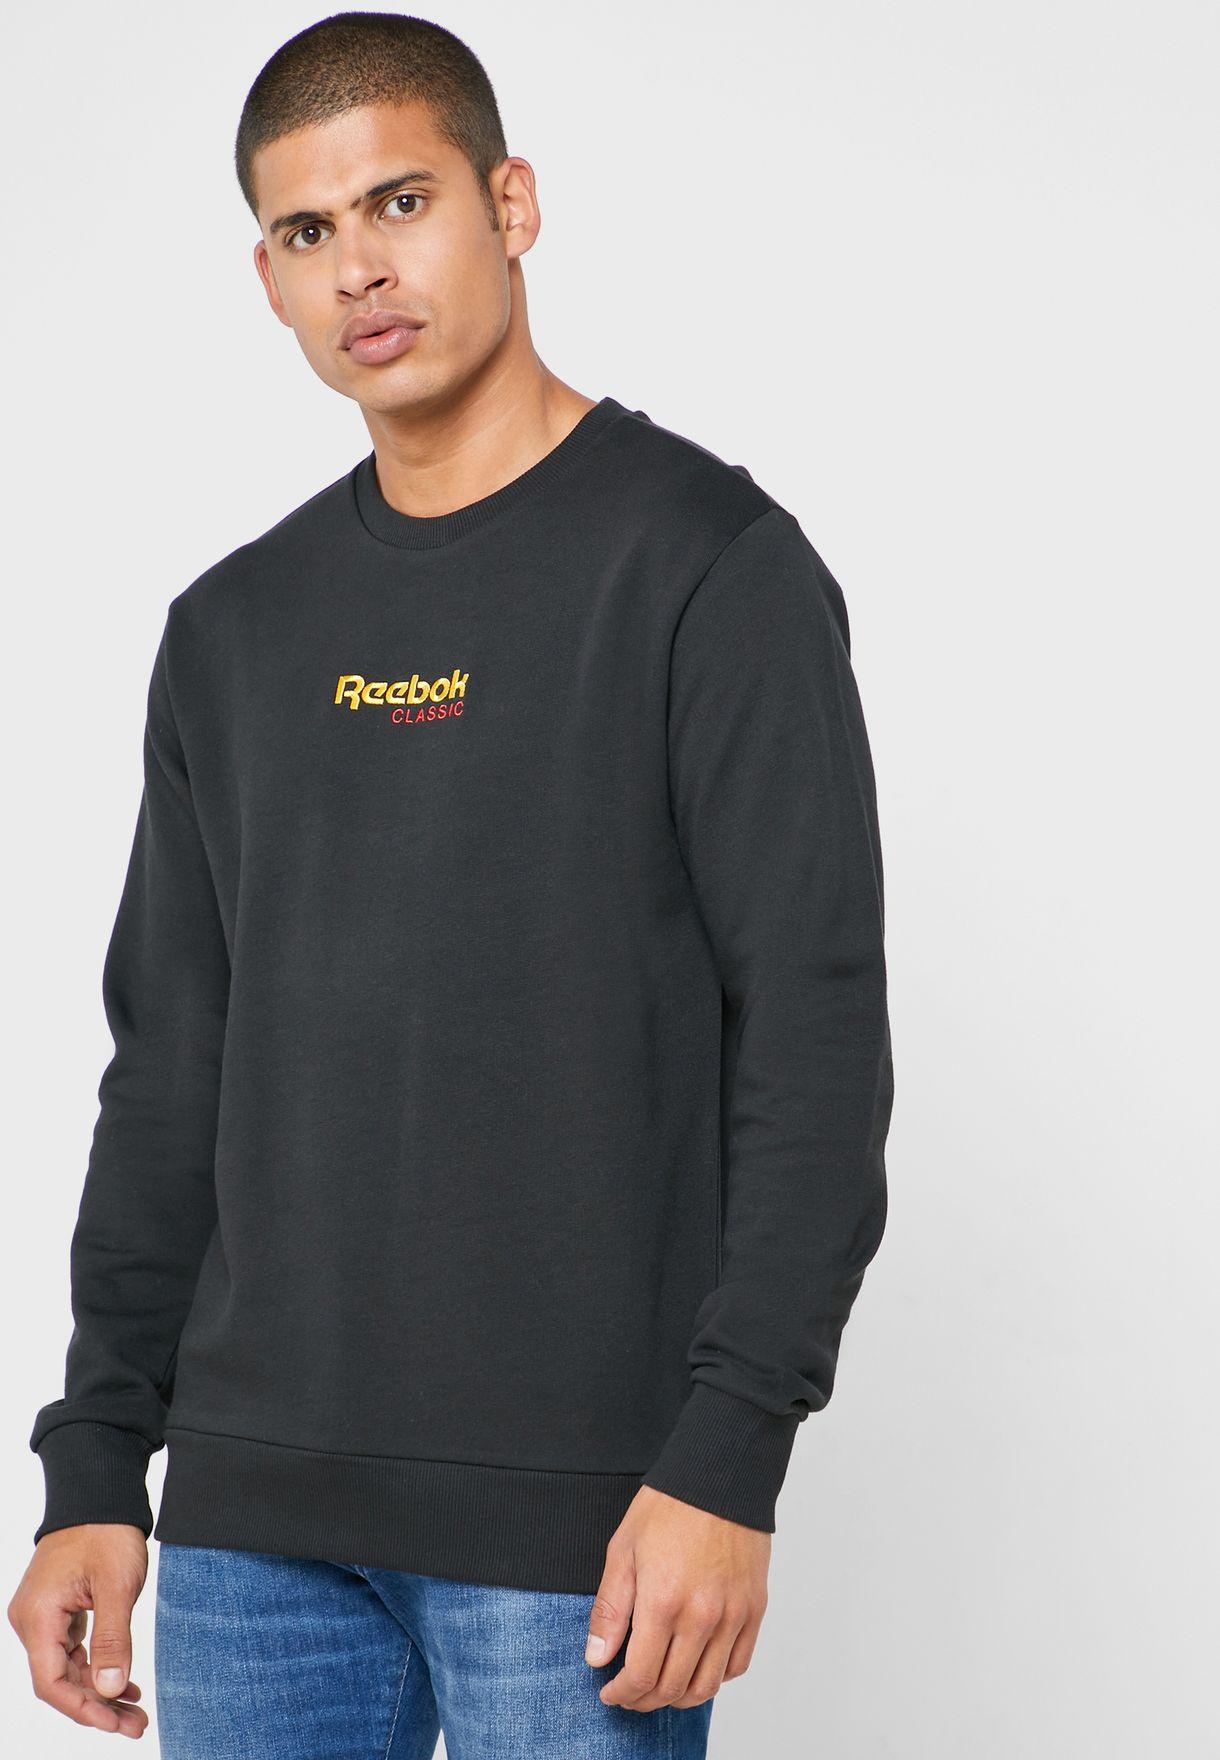 Classics Gold Sweatshirt